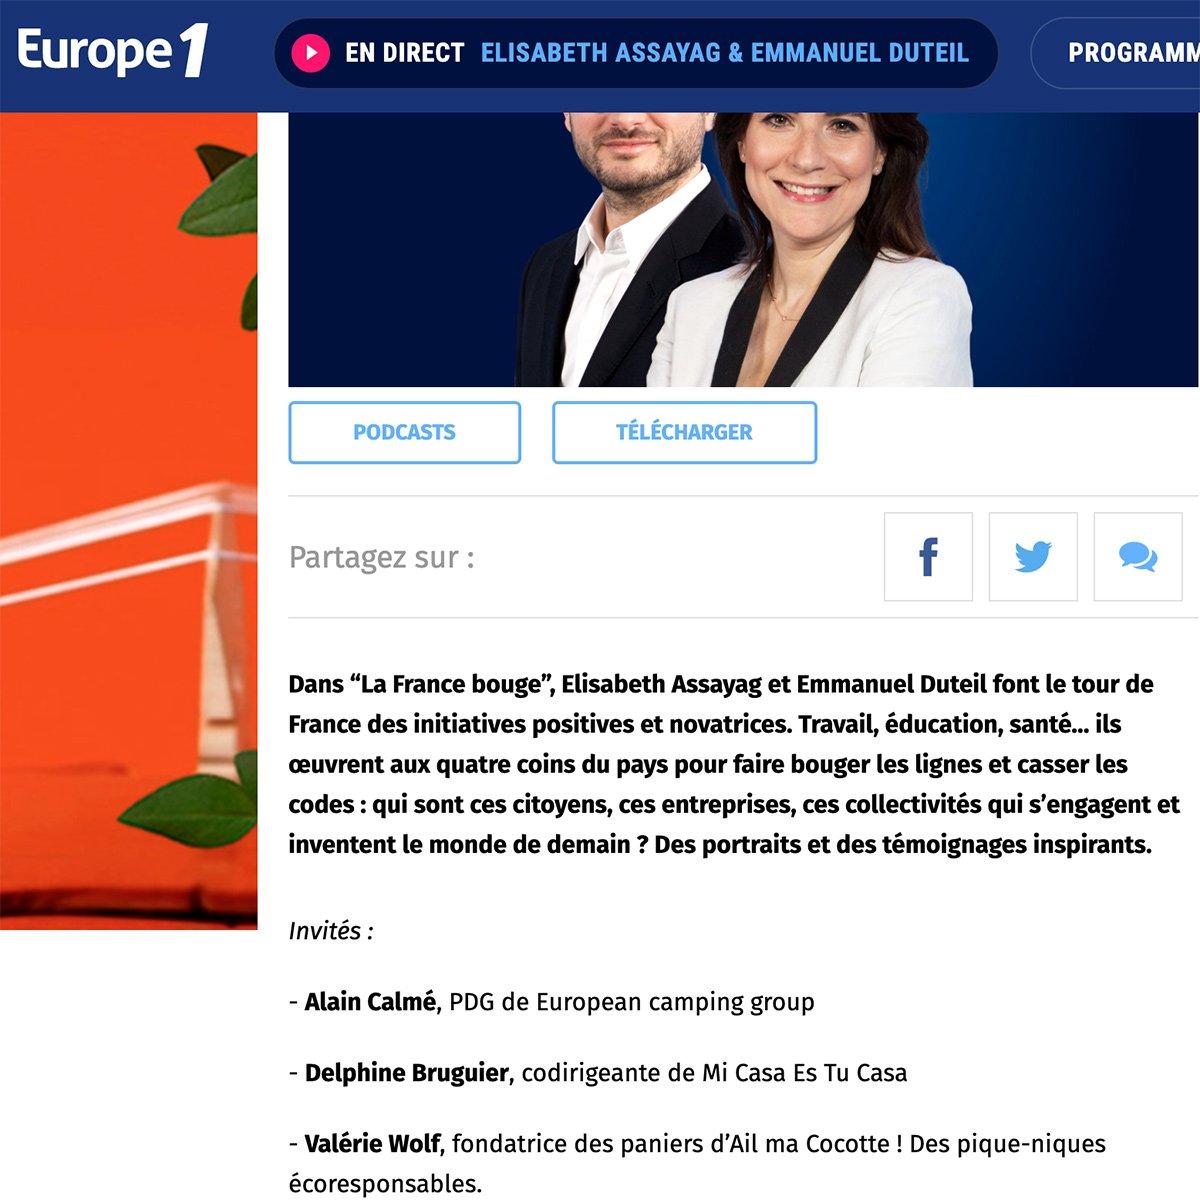 La France Bouge, ailmacocotte.com